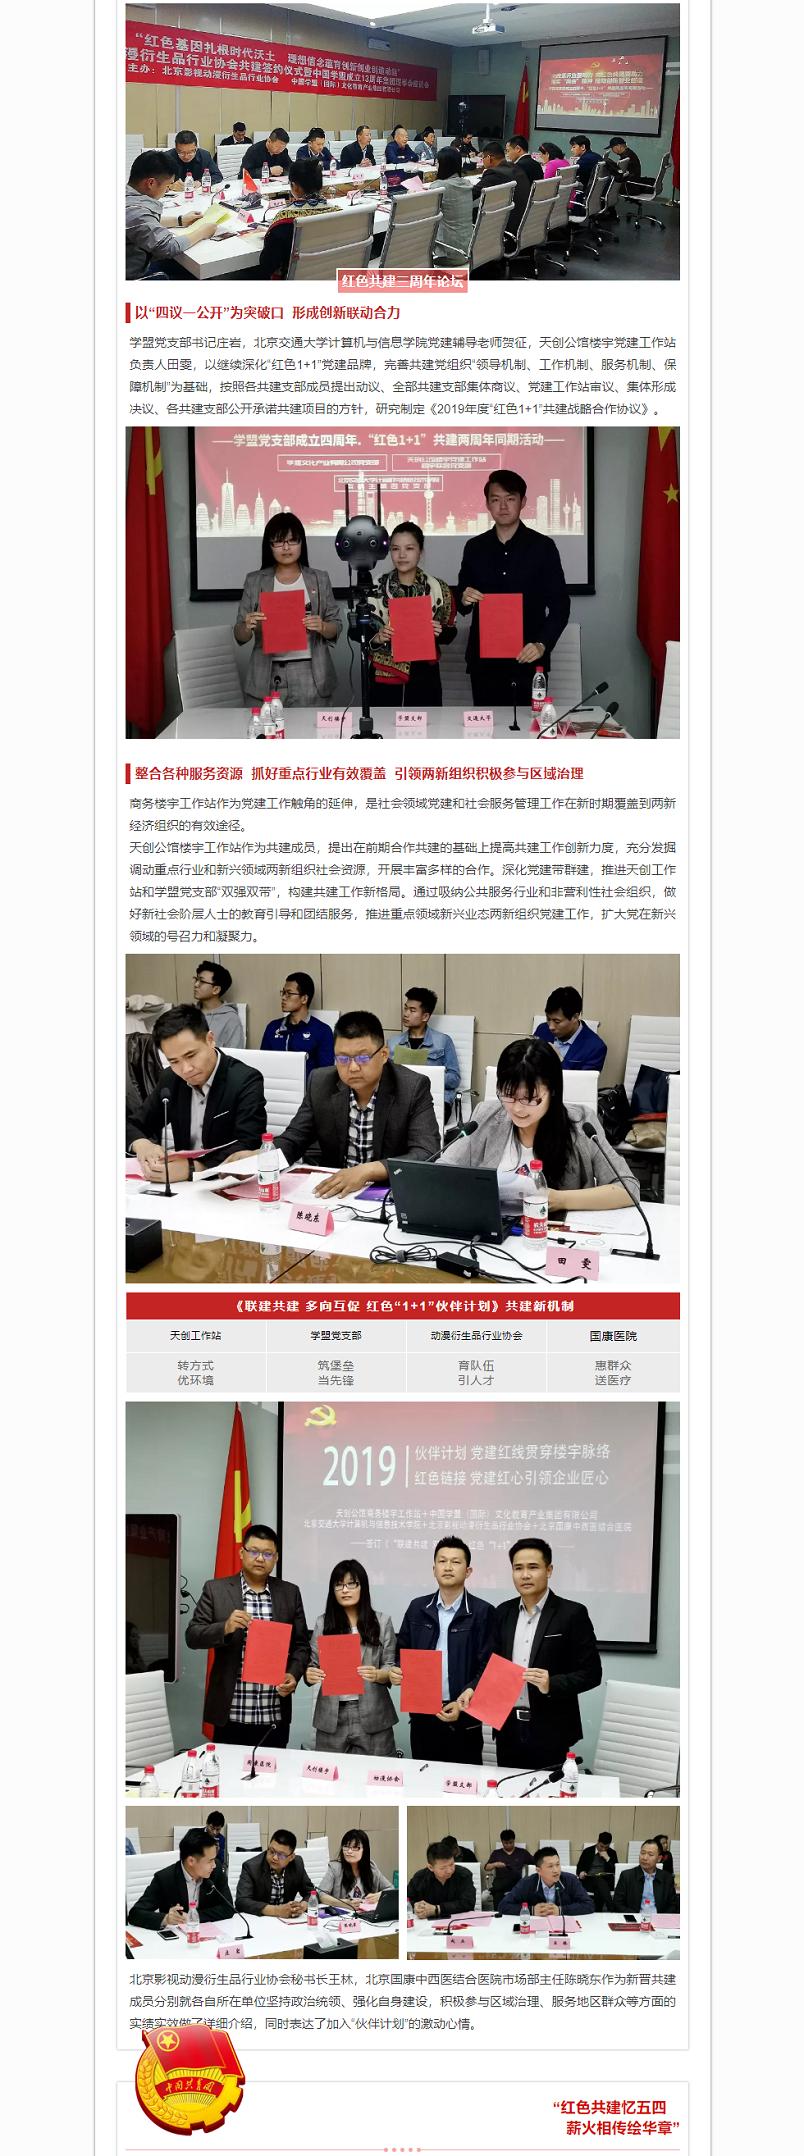 天创工作站3:纪念五四运动100周年 学盟党团企协共建活动.png